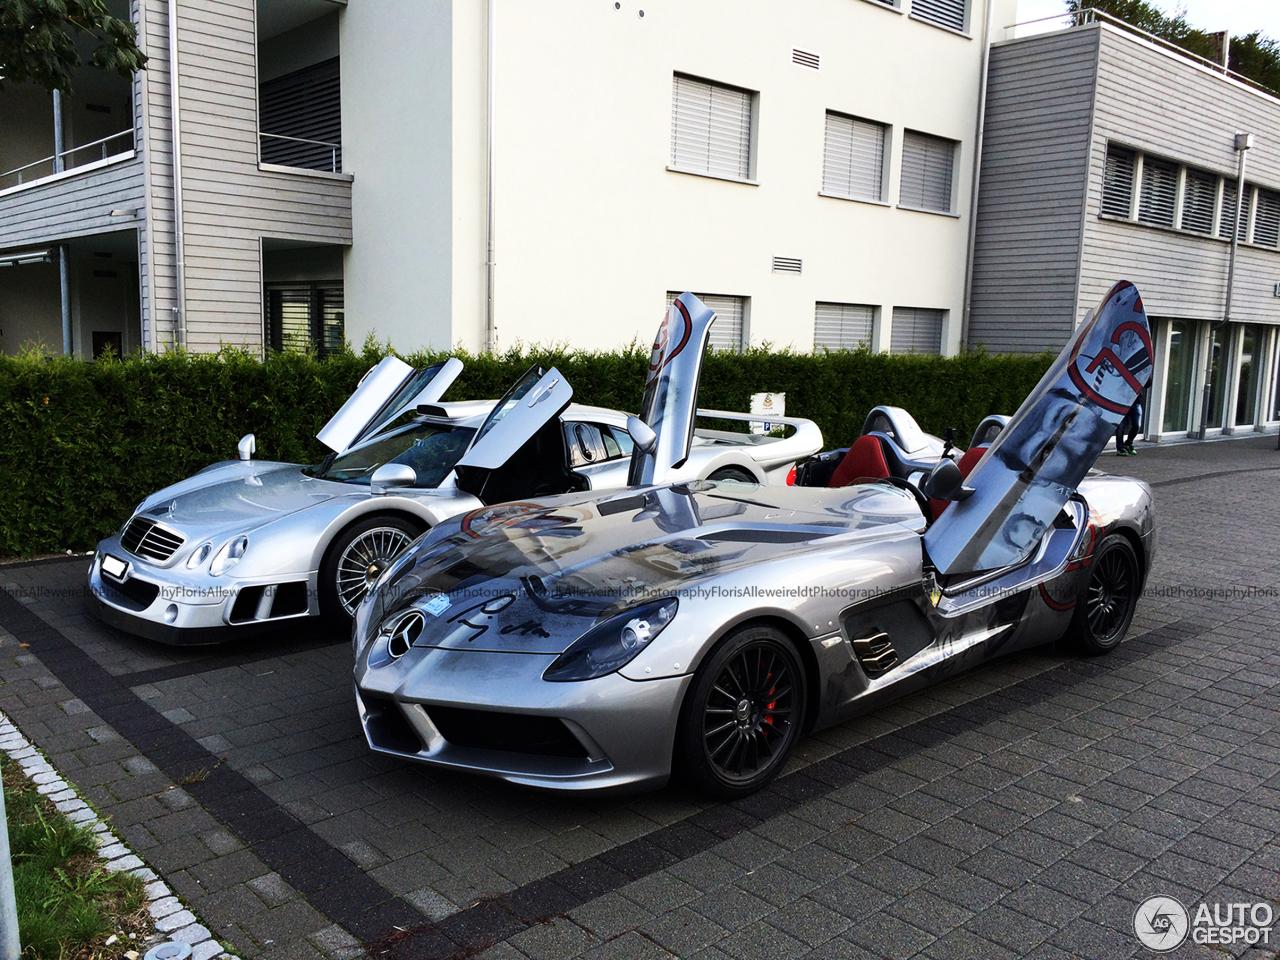 Mercedes Benz Clk Gtr Amg 18 Mai 2016 Autogespot